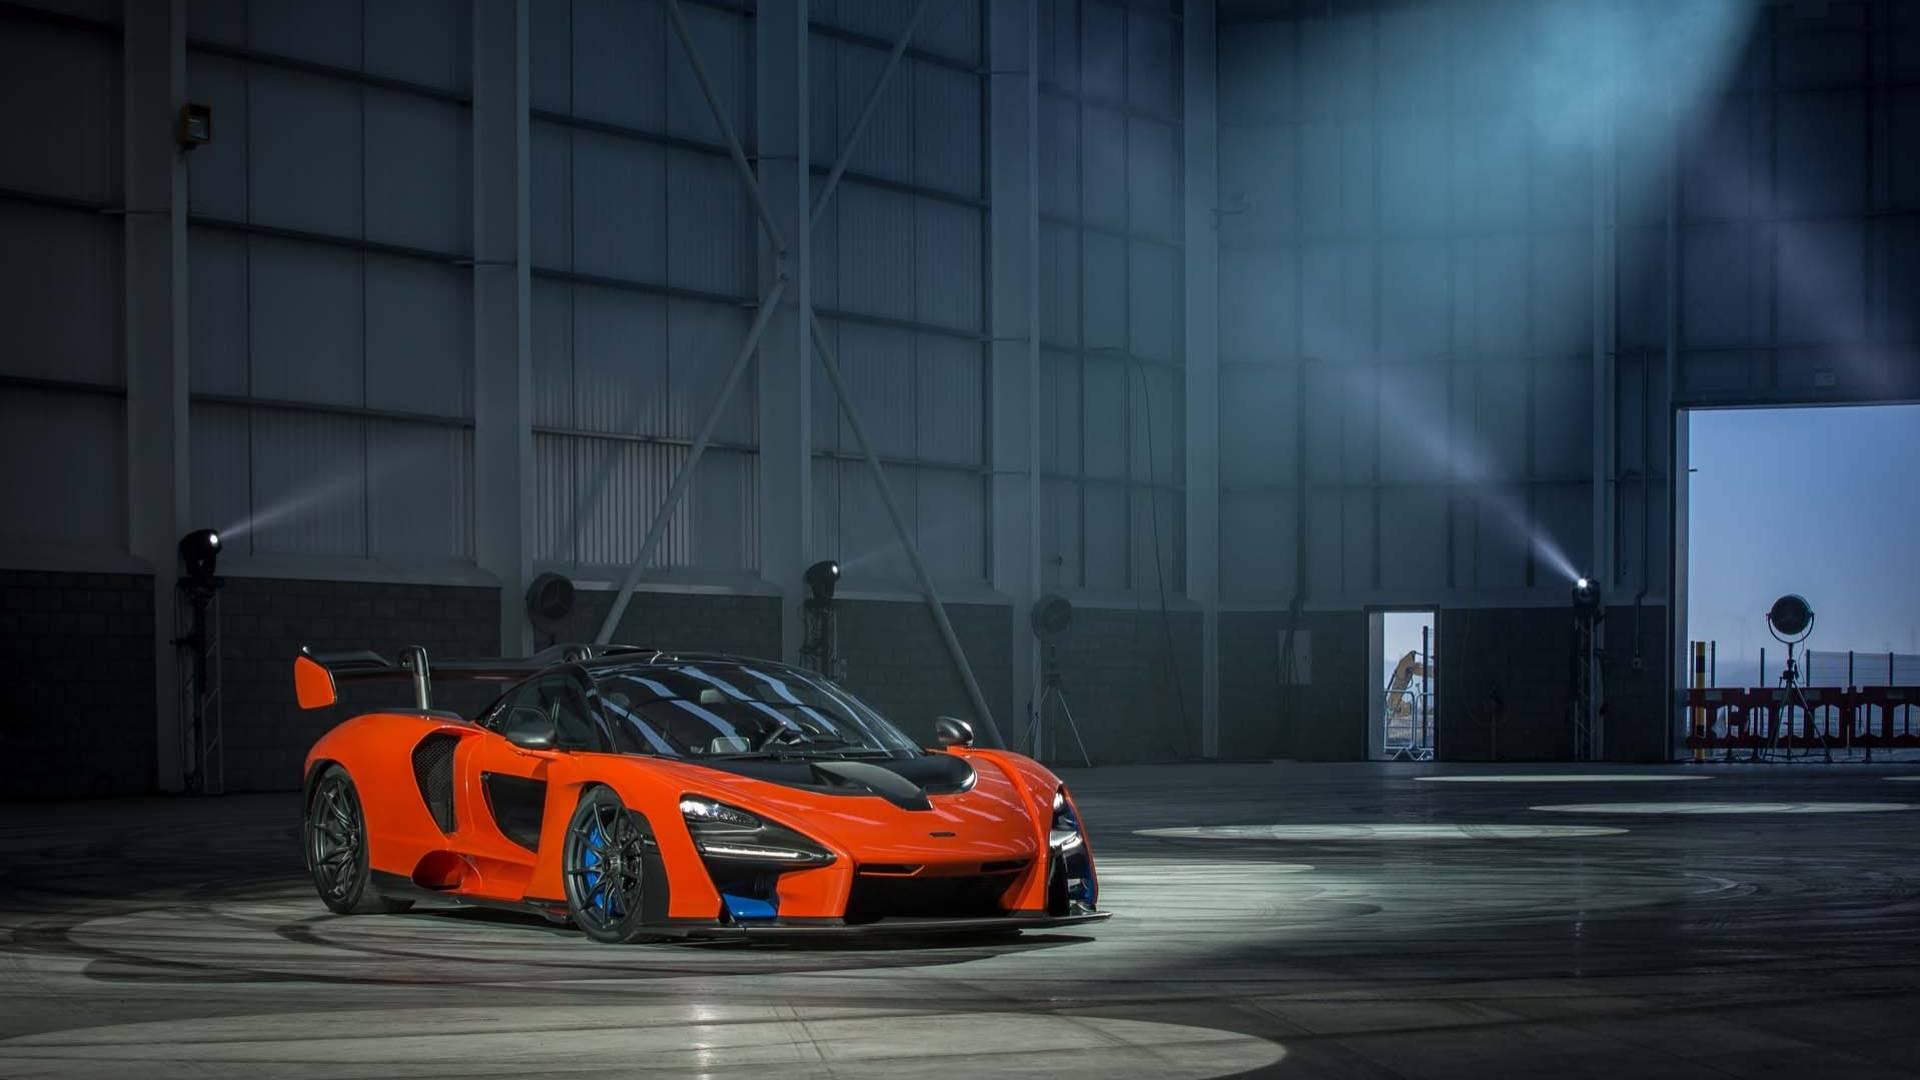 McLaren_Carbon_Composites_Technology_Center_0009